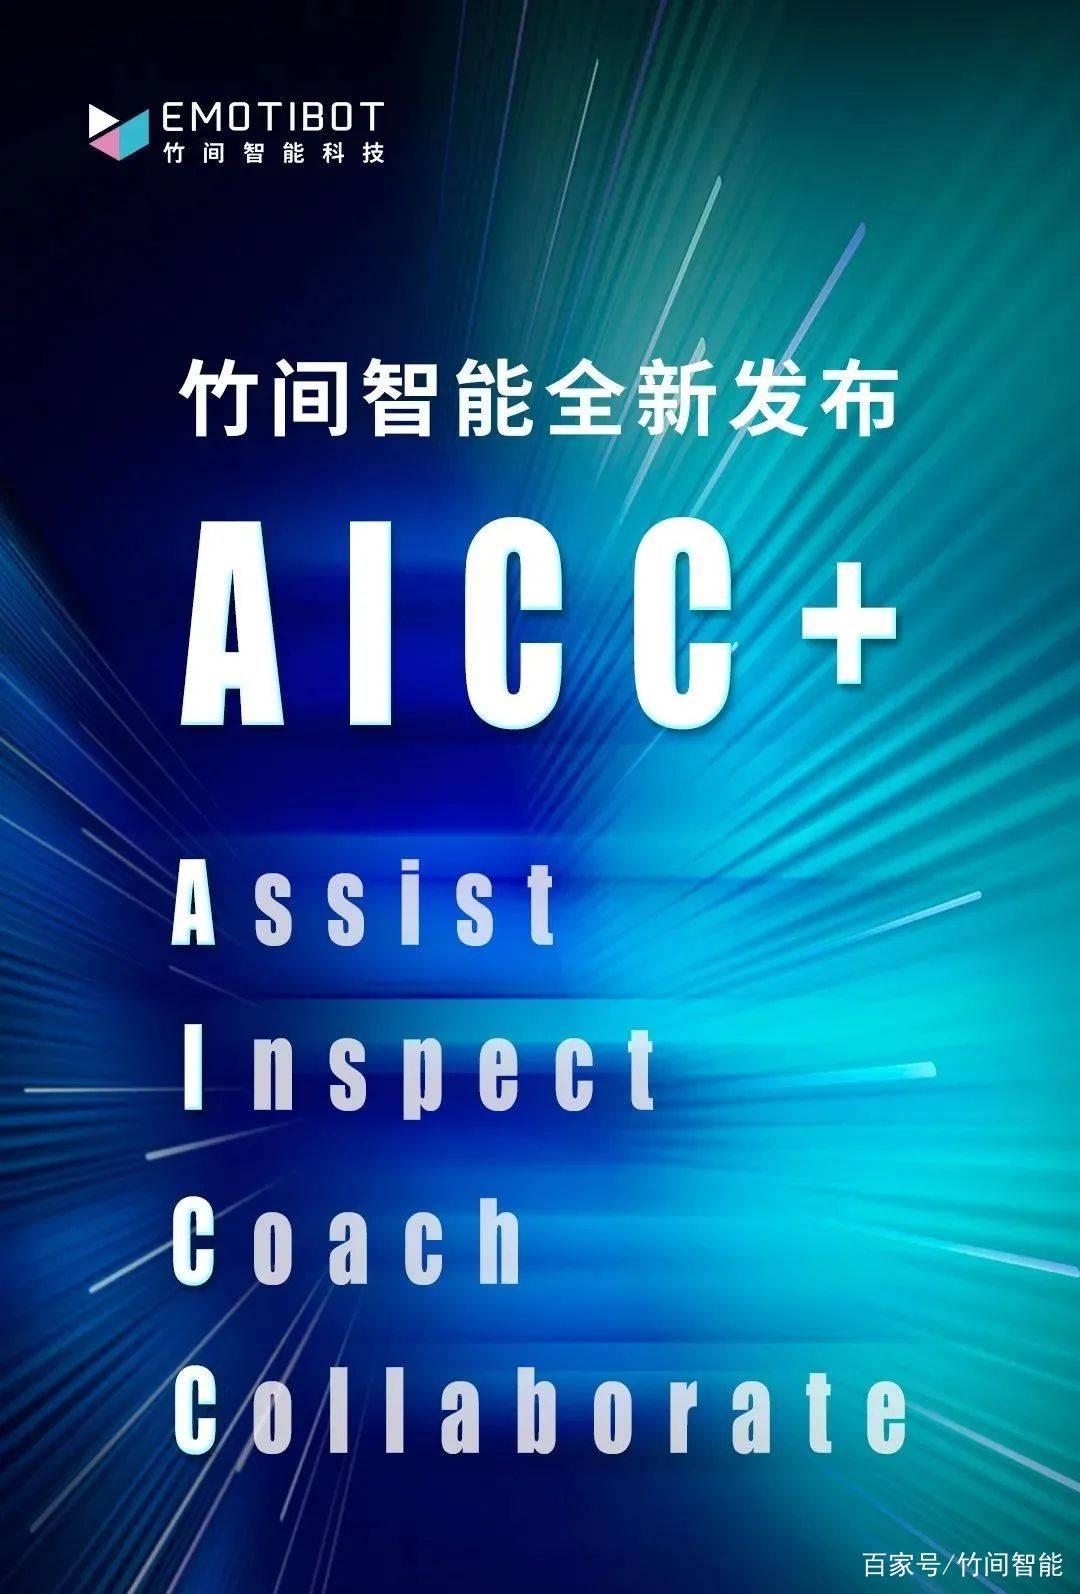 竹间智能推出以人为本的AICC+,引领传统客服中心